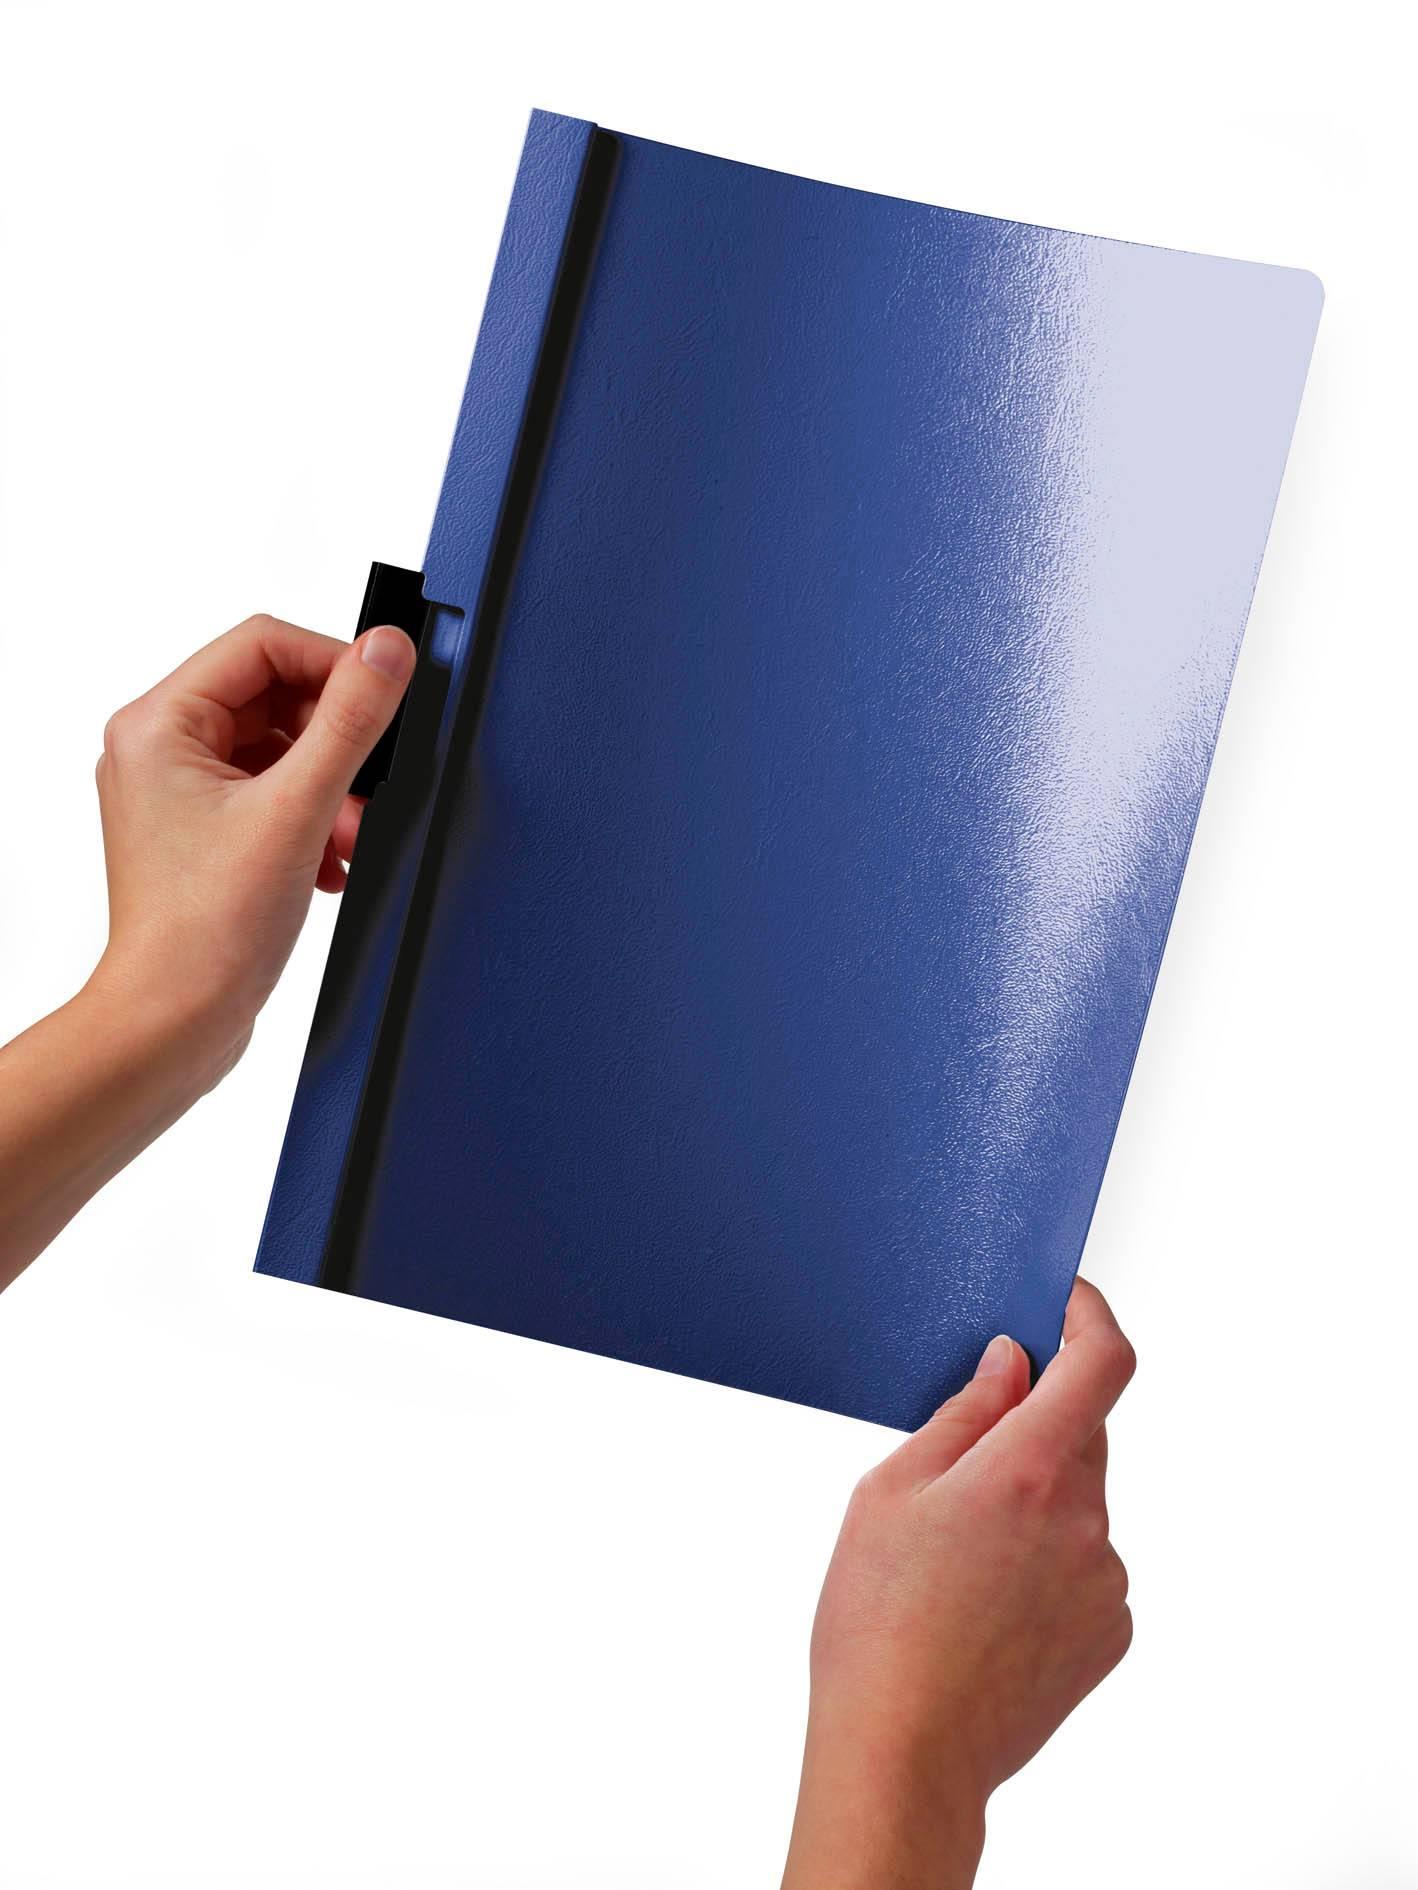 Папка-клип Durable Duraclip 60 с верхним прозрачным листом 1-60 листов бордовая - фото 1